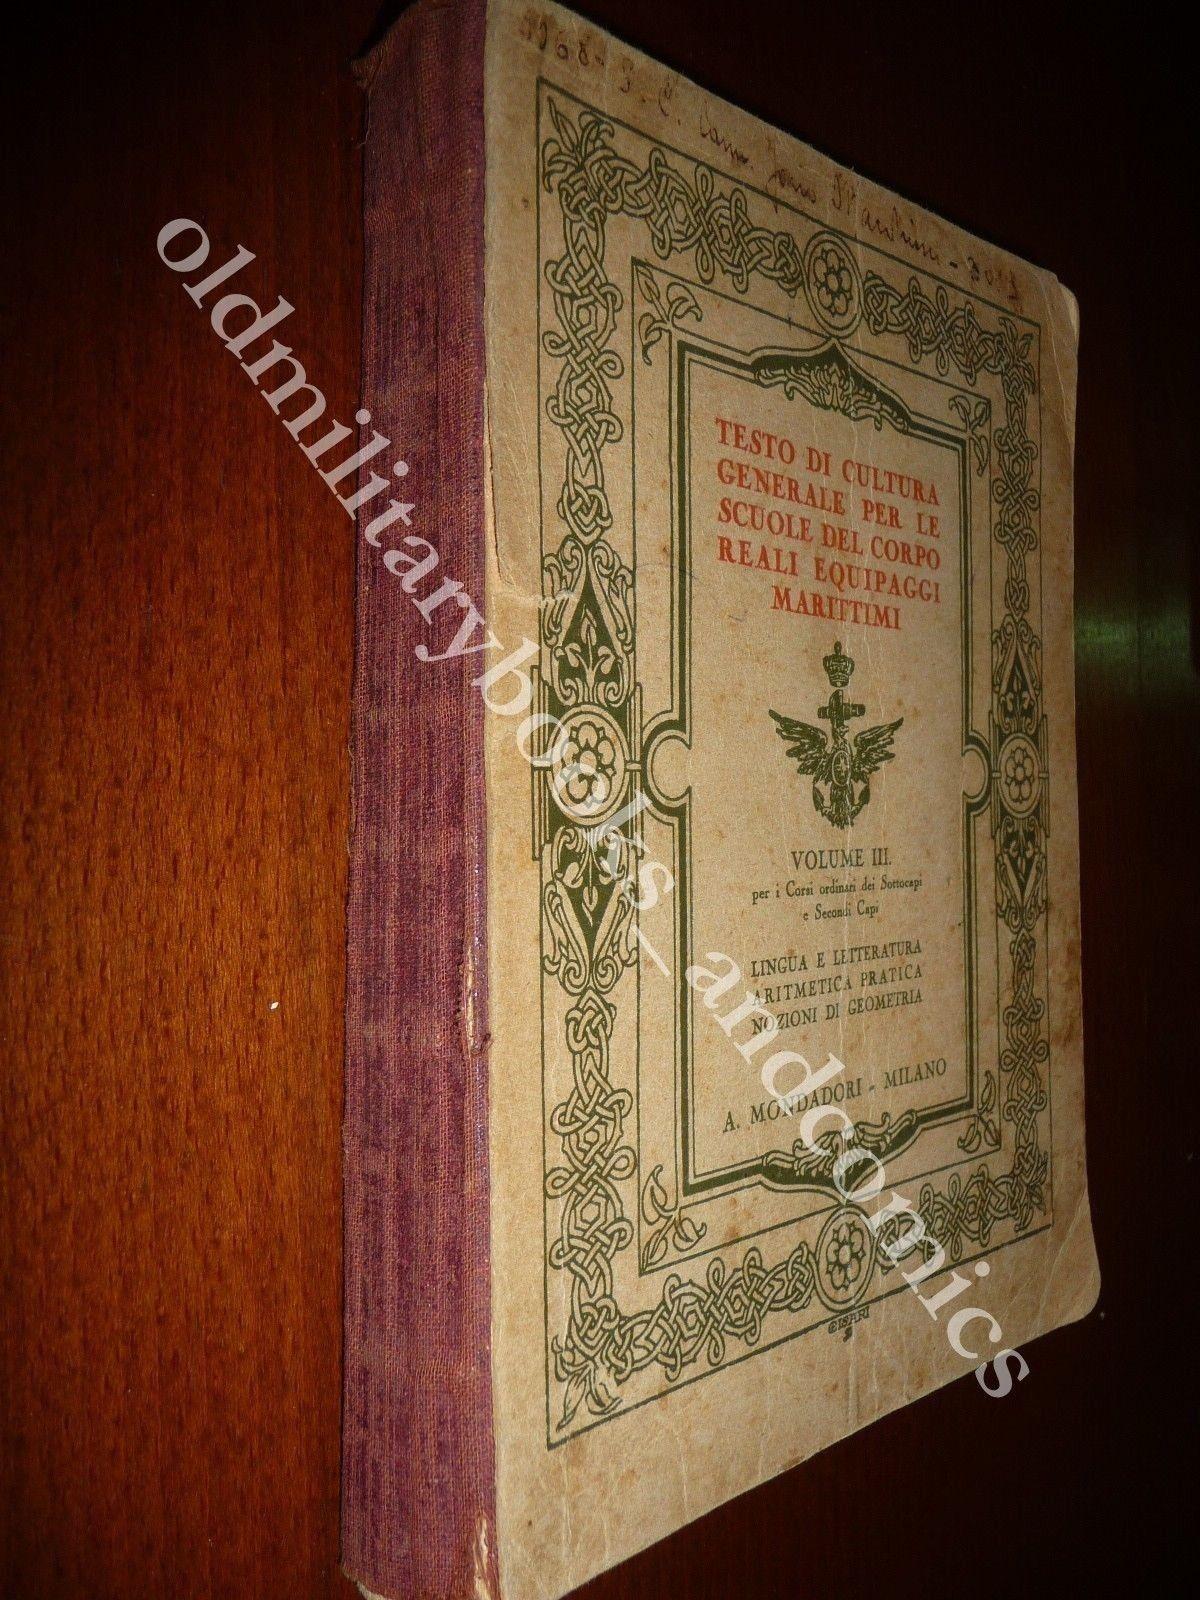 TESTO DI CULTURA GENERALE PER LE SCUOLE DEL CORPO REALI EQUIPAGGI MARITTIMI 1926